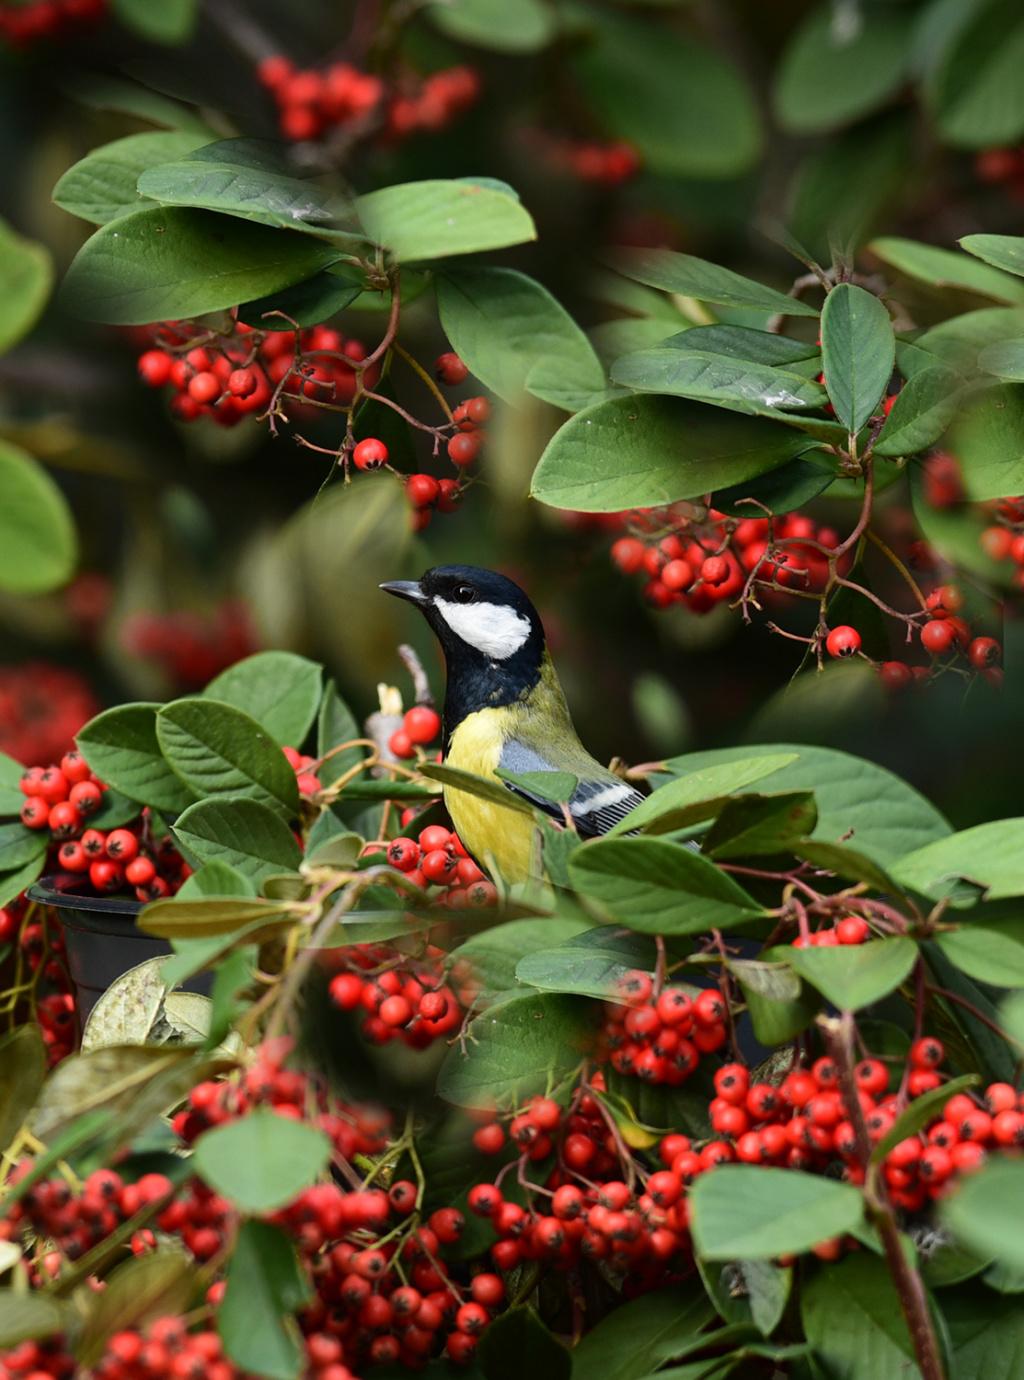 [Ouvert] FIL - Oiseaux. - Page 20 Dans_l10